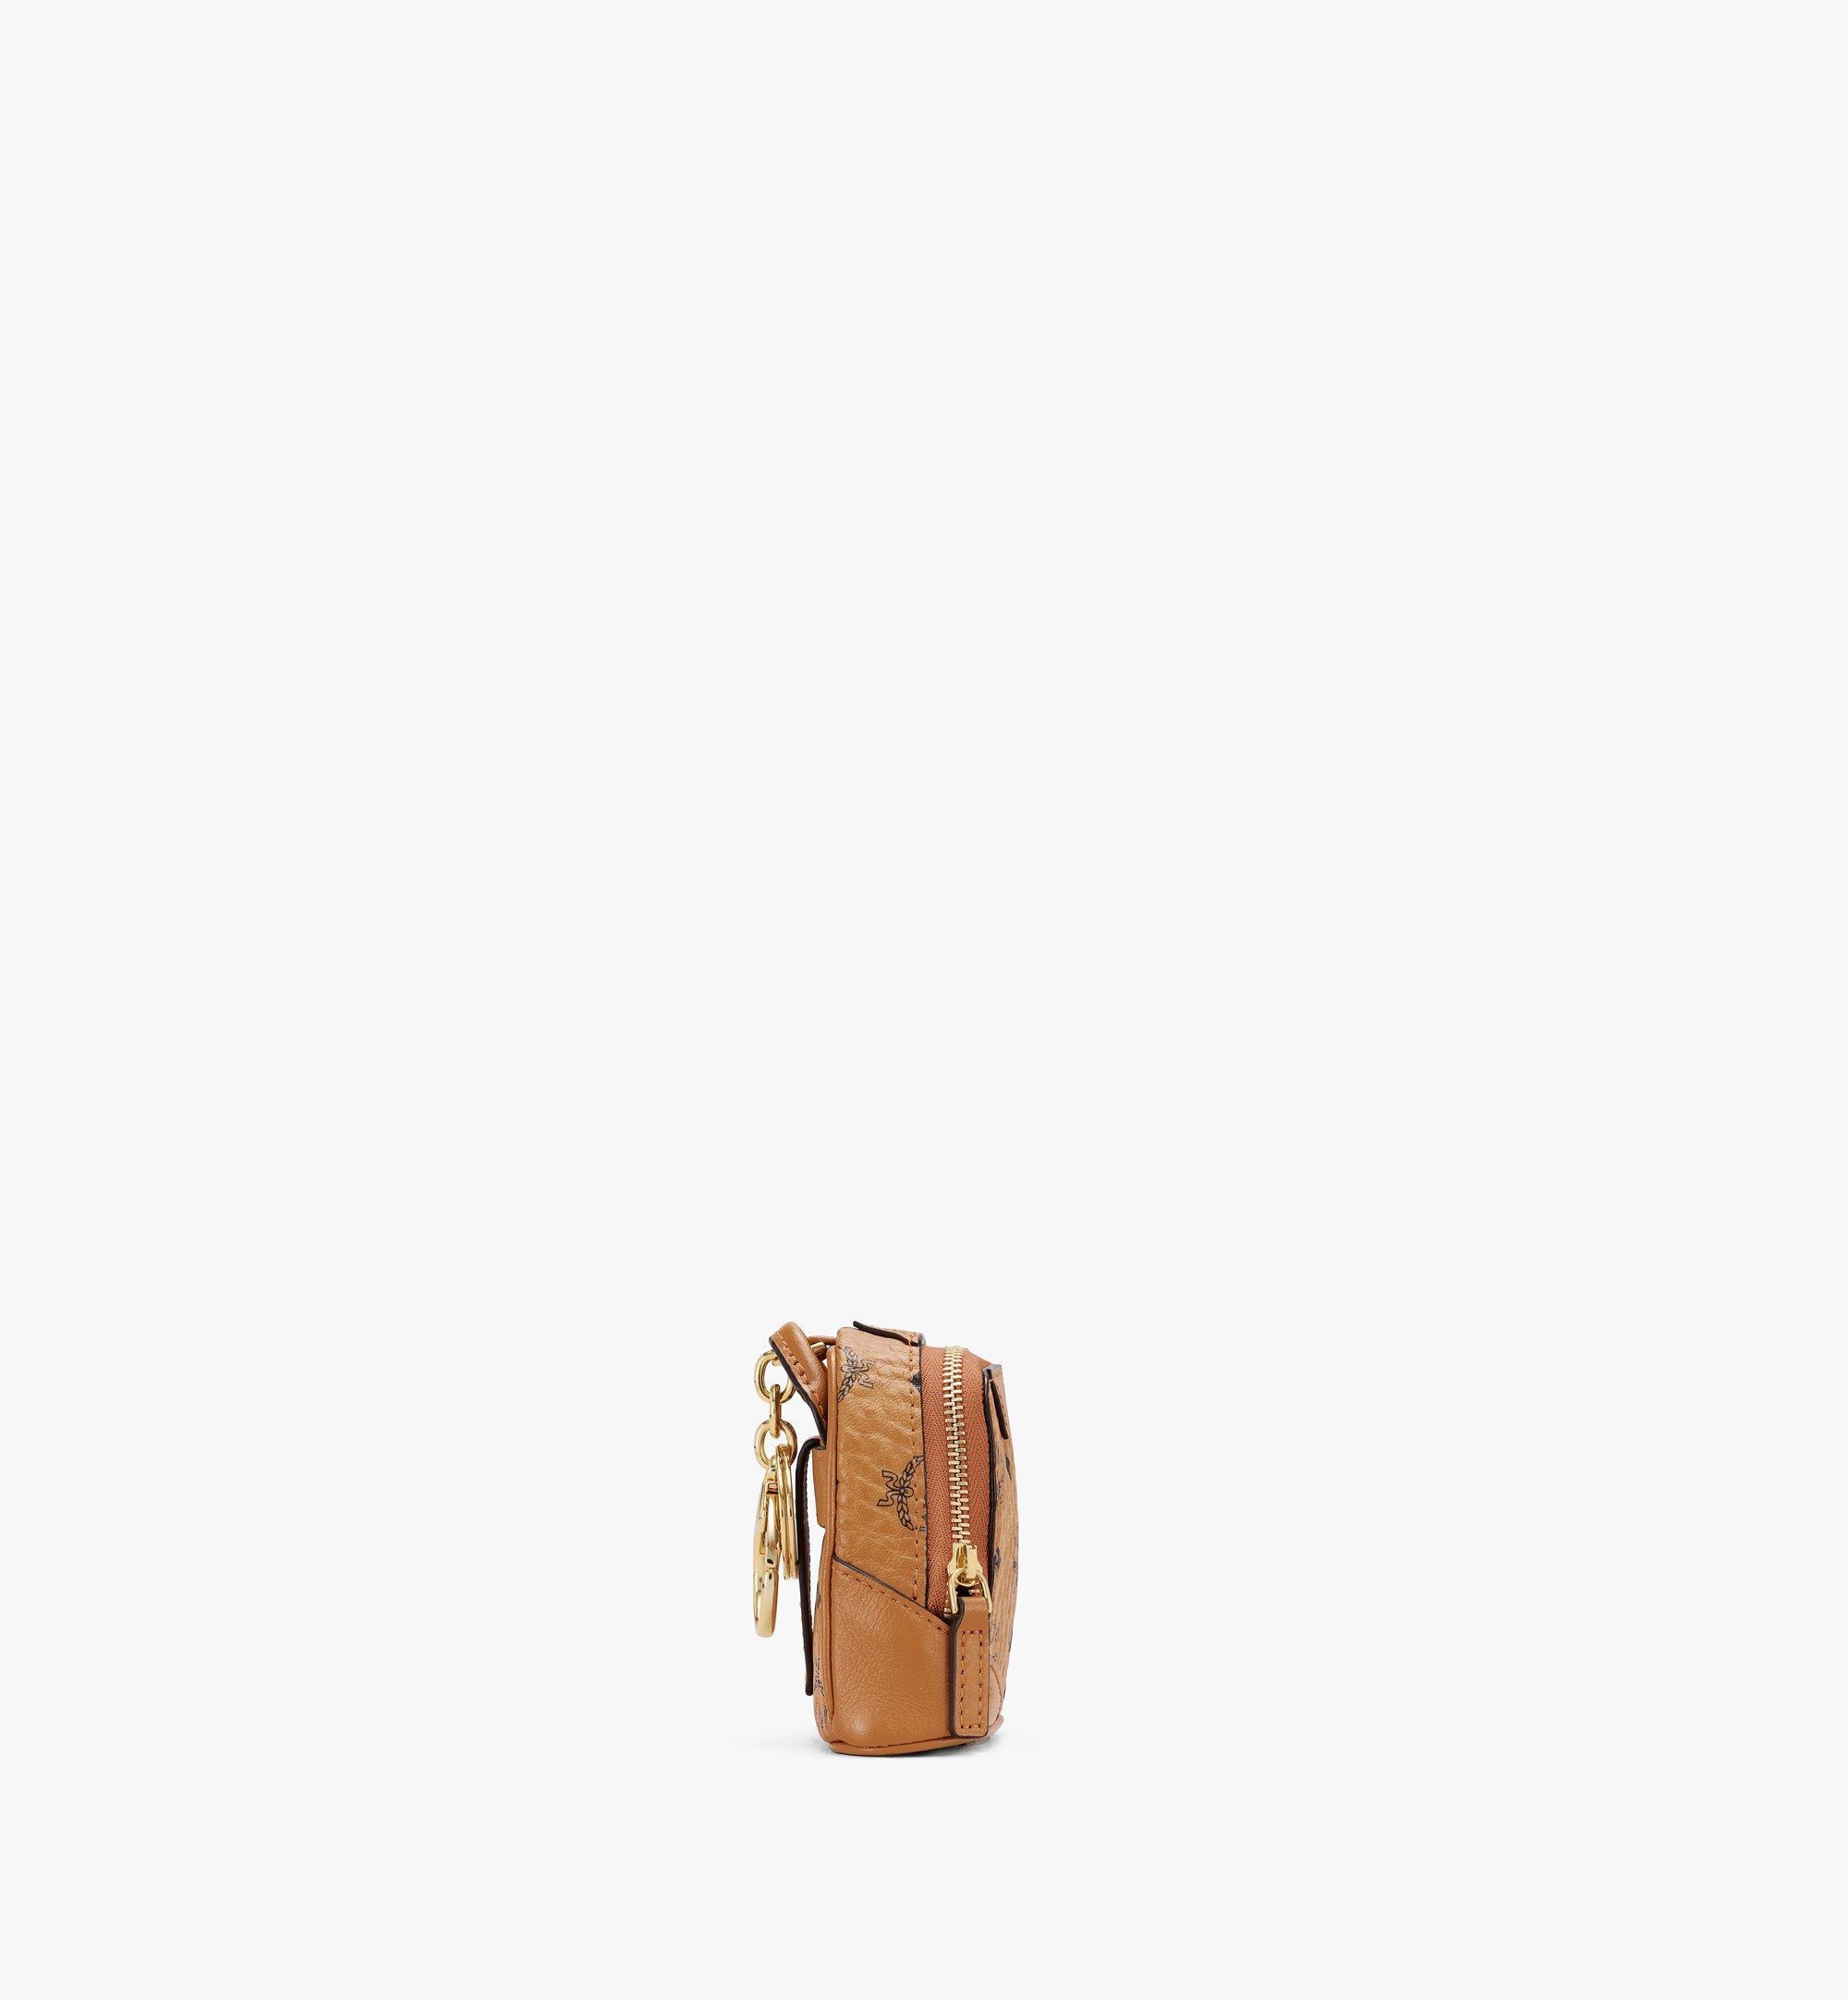 MCM Porte-clés sac à dos Neo Duke en Visetos Cognac MXZASVI14CO001 Plus de photos 1